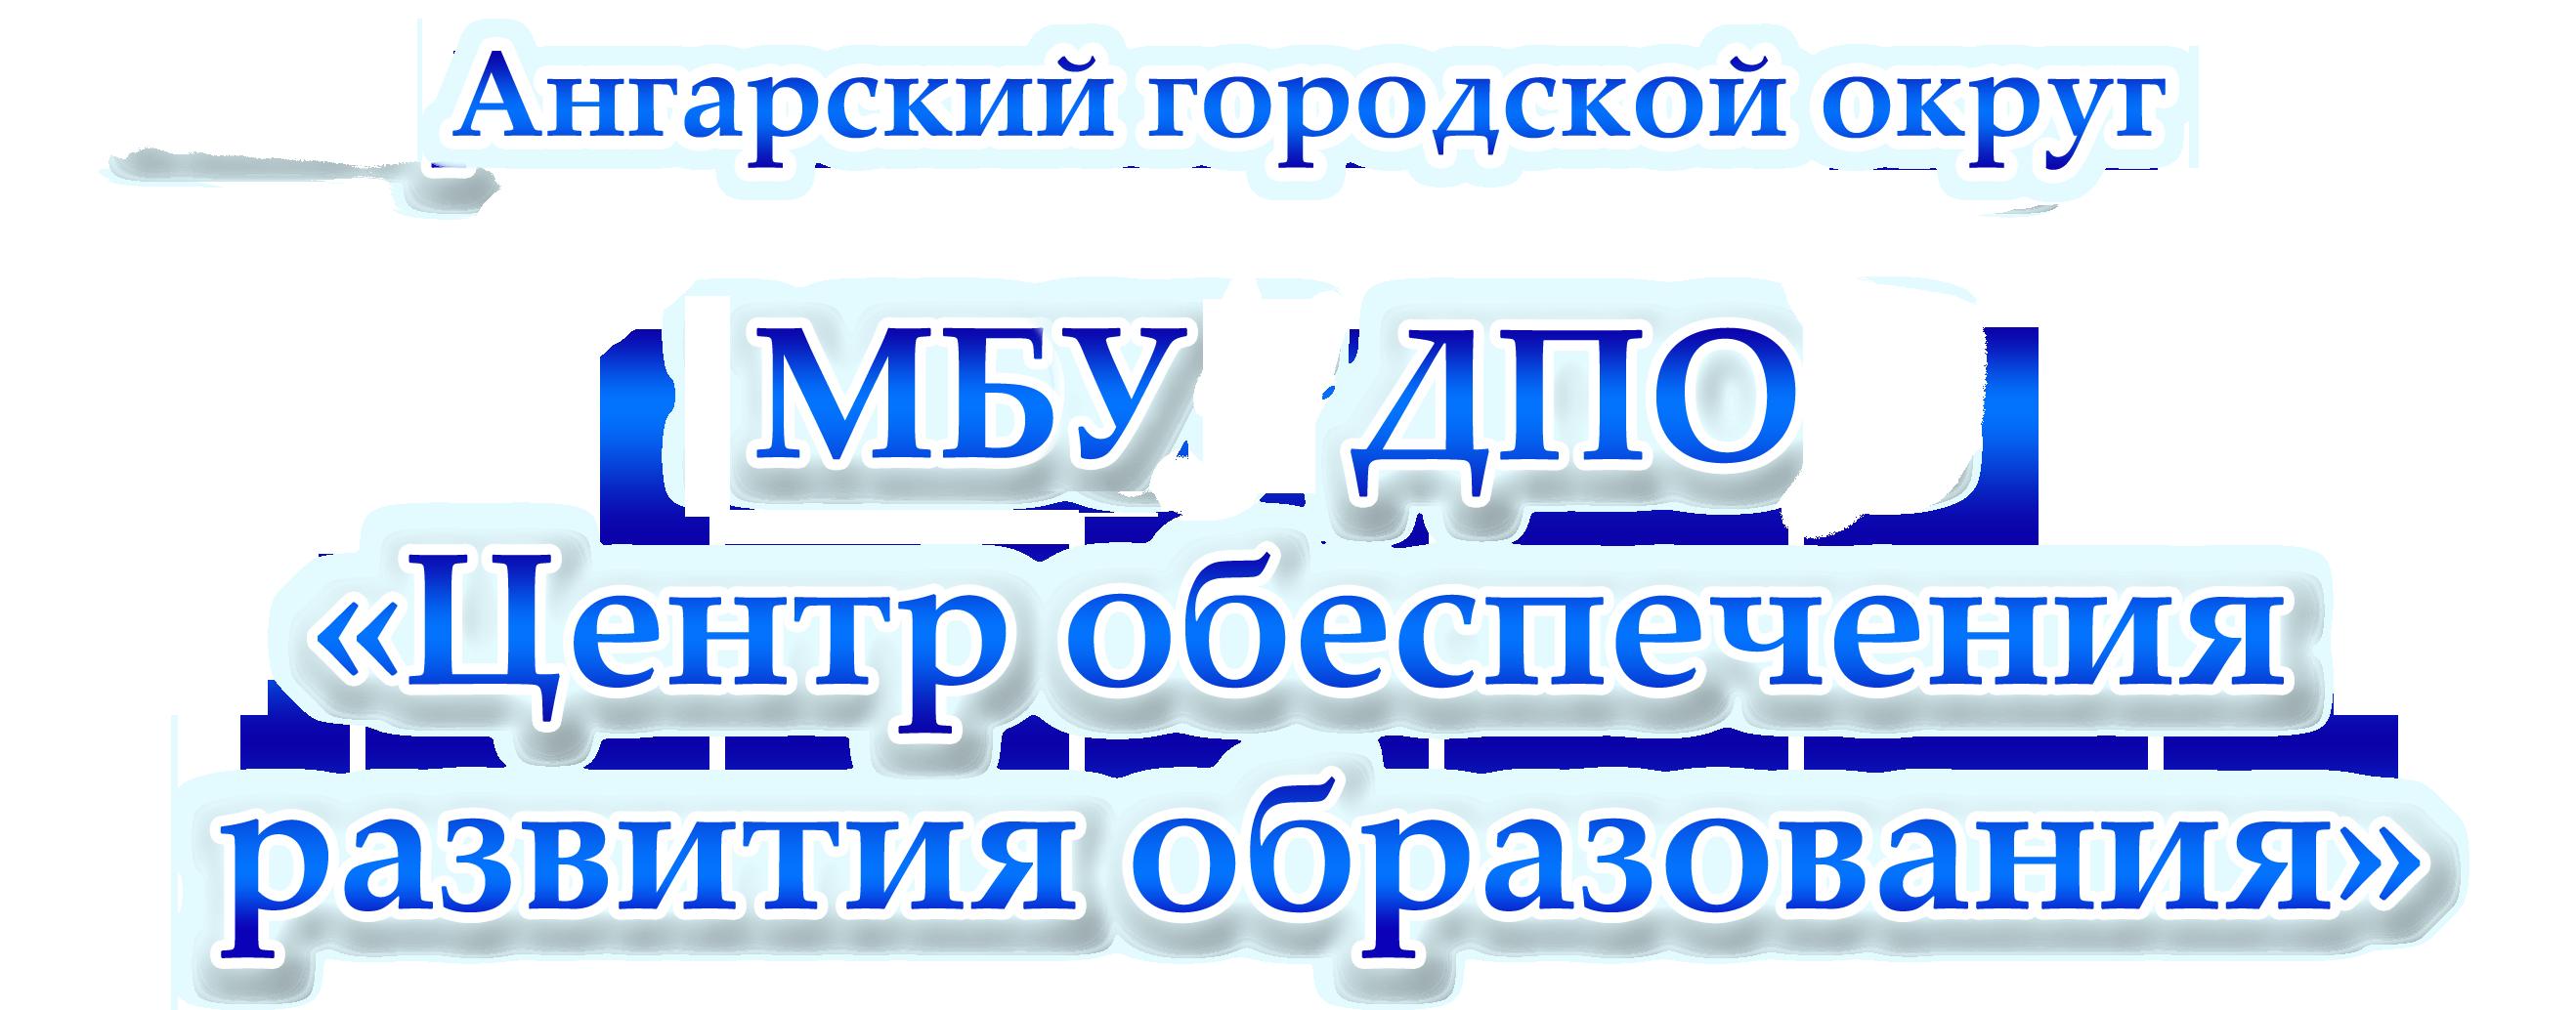 МБУ ДПО Центр обеспечения развития образования г.Ангарск